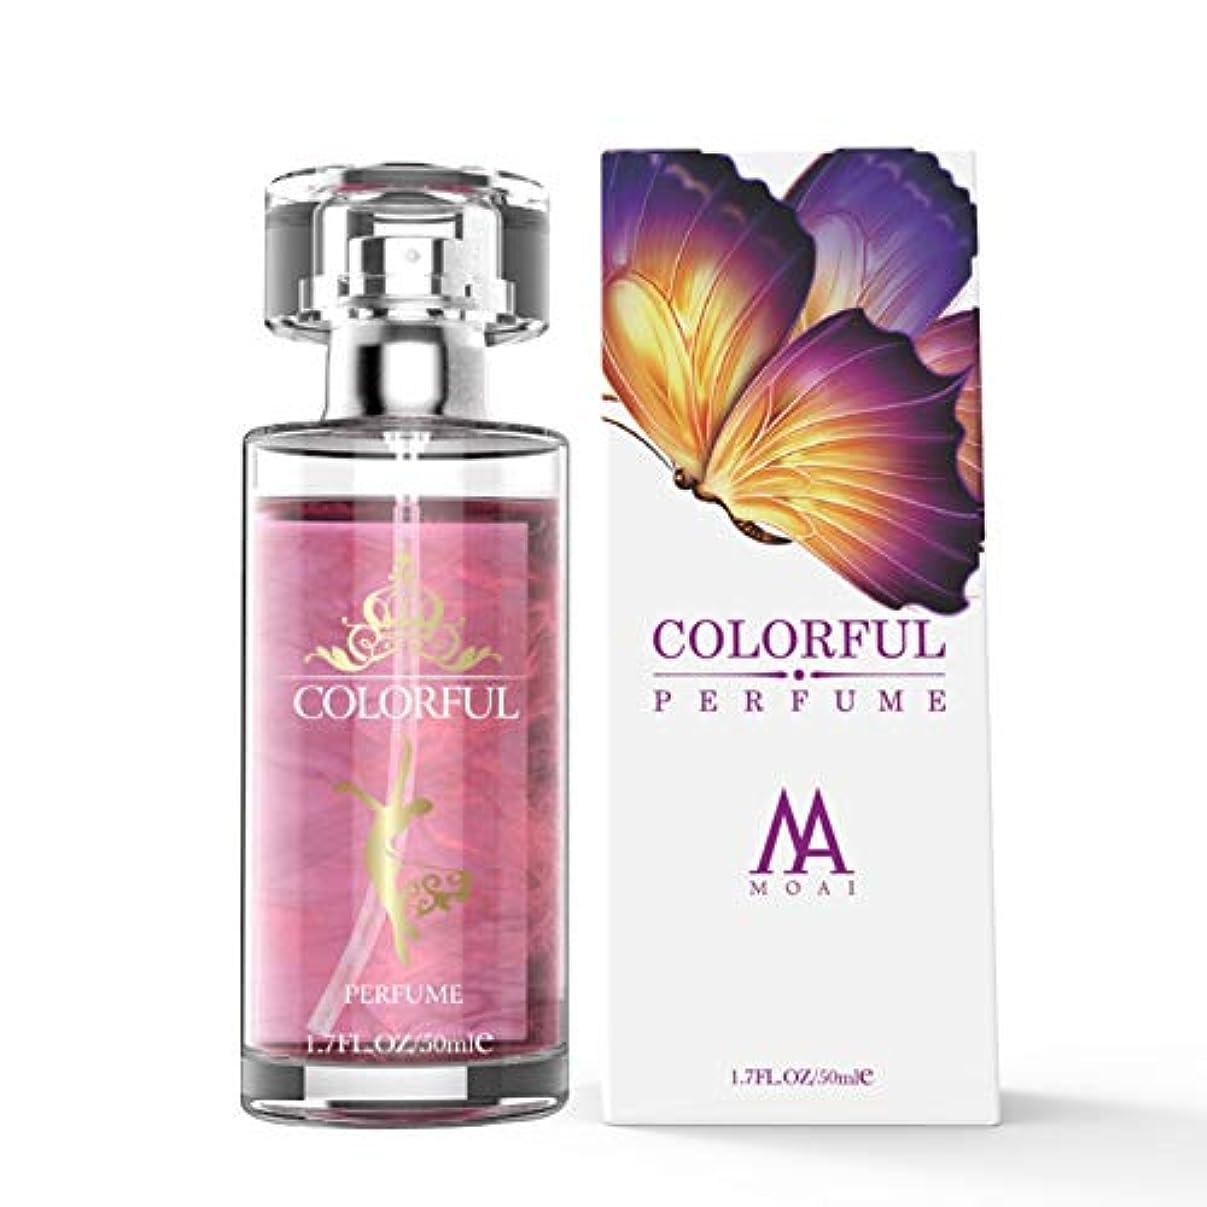 ご近所攻撃母音Dkhsyフェロモン香水いちゃつく香水男性ボディスプレーの浮気の香水女性の媚薬香水